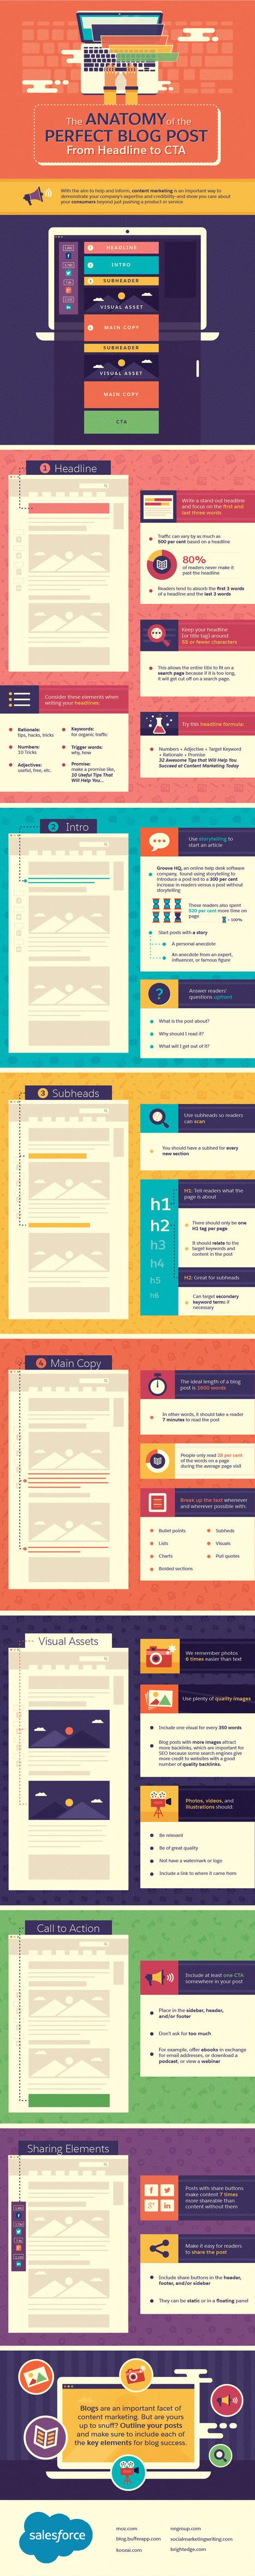 How to Write Blog Posts: Awesome Graphic | Redaccion de contenidos, artículos seleccionados por Eva Sanagustin | Scoop.it